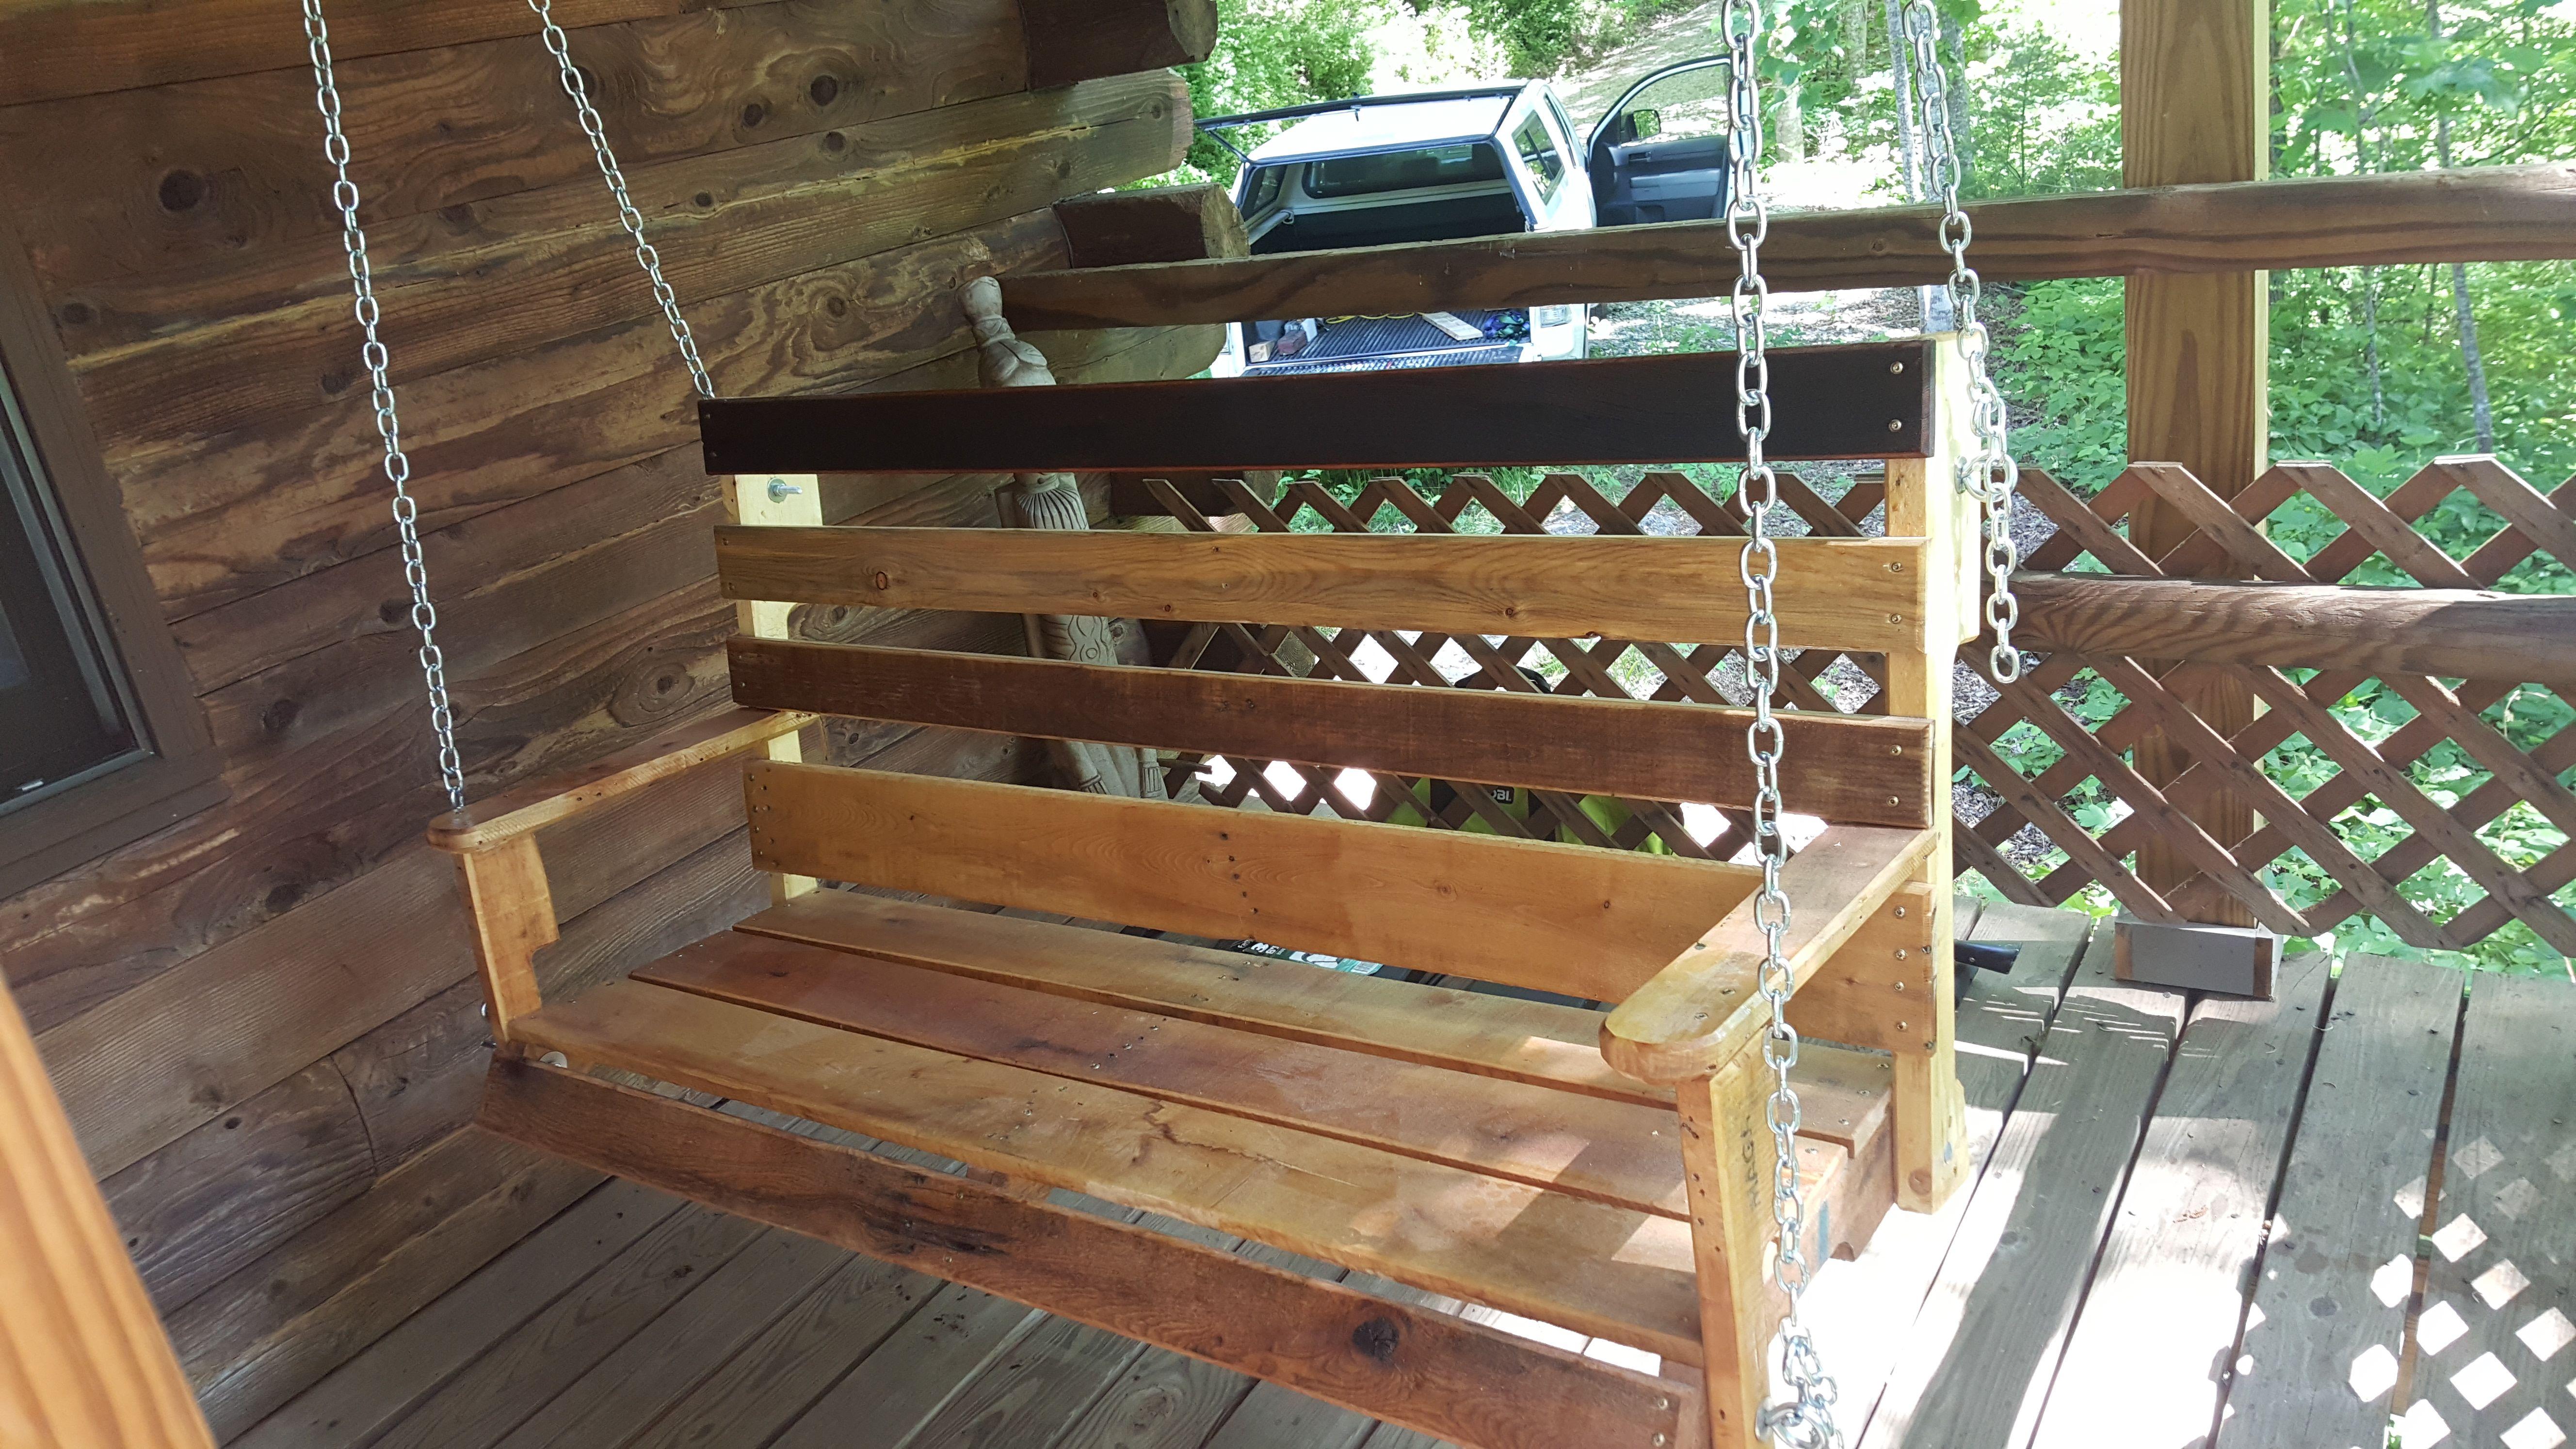 Complete Pallet Garden Set Pallet Ideas 1001 Pallets: Carriage Bolt, Pallets And Porch